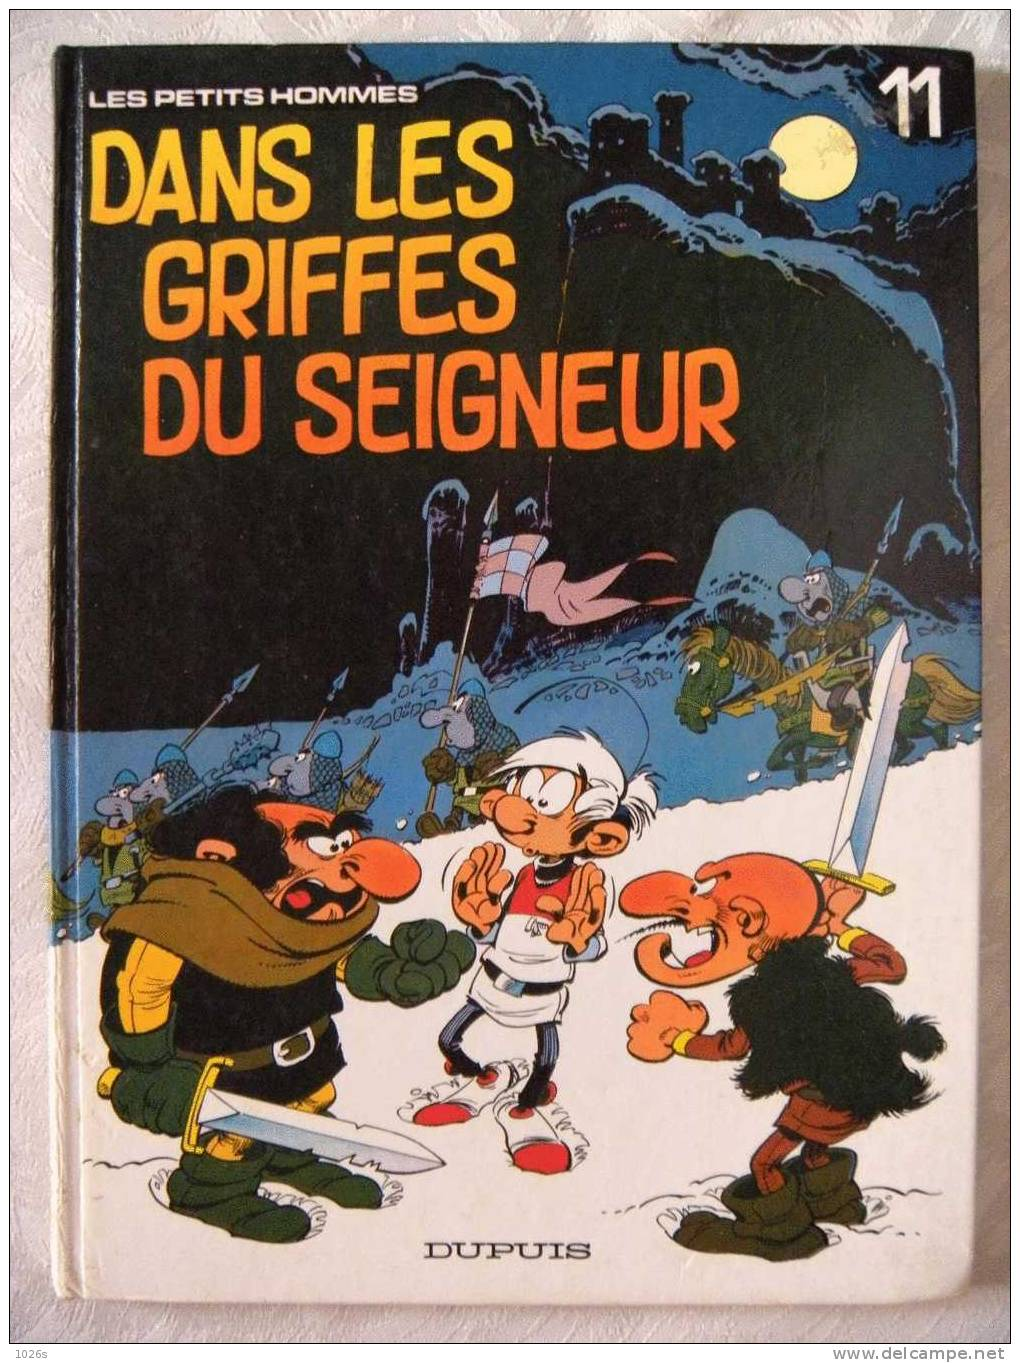 LES PETITS HOMMES - DANS LES GRIFFES DU SEIGNEUR - E.O. - Petits Hommes, Les